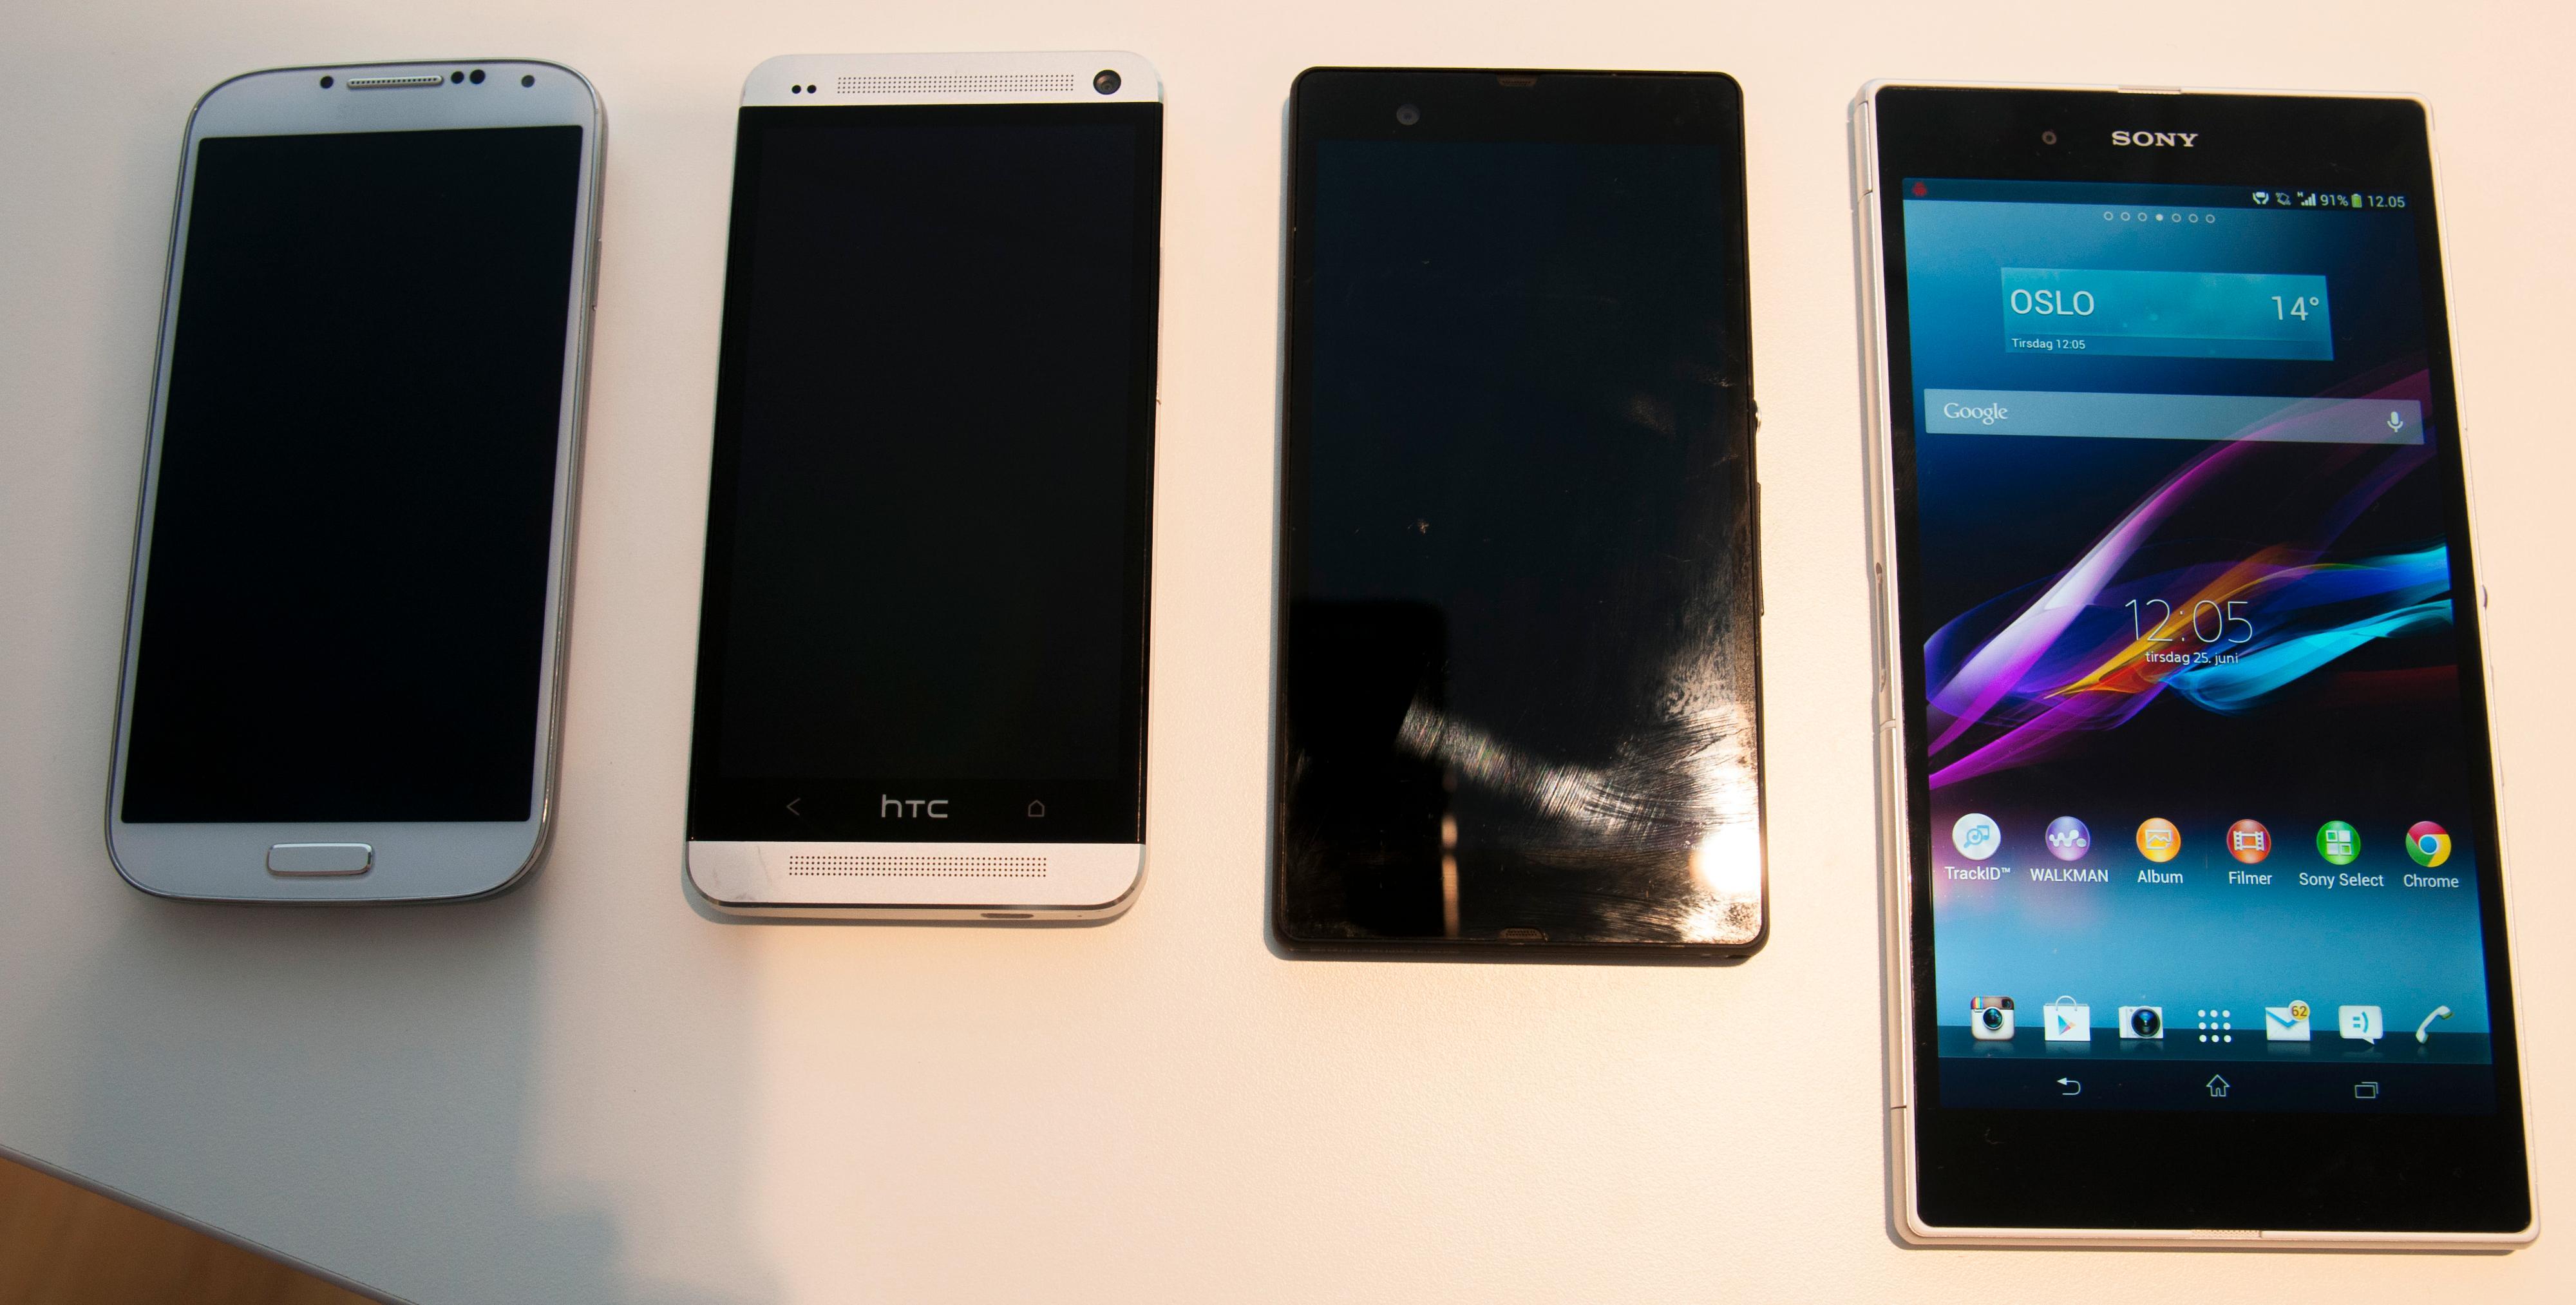 Fra venstre: Samsung Galaxy S4, HTC One, Sony Xperia Z - og kliss nye Sony Xperia Z Ultra.Foto: Finn Jarle Kvalheim, Amobil.no